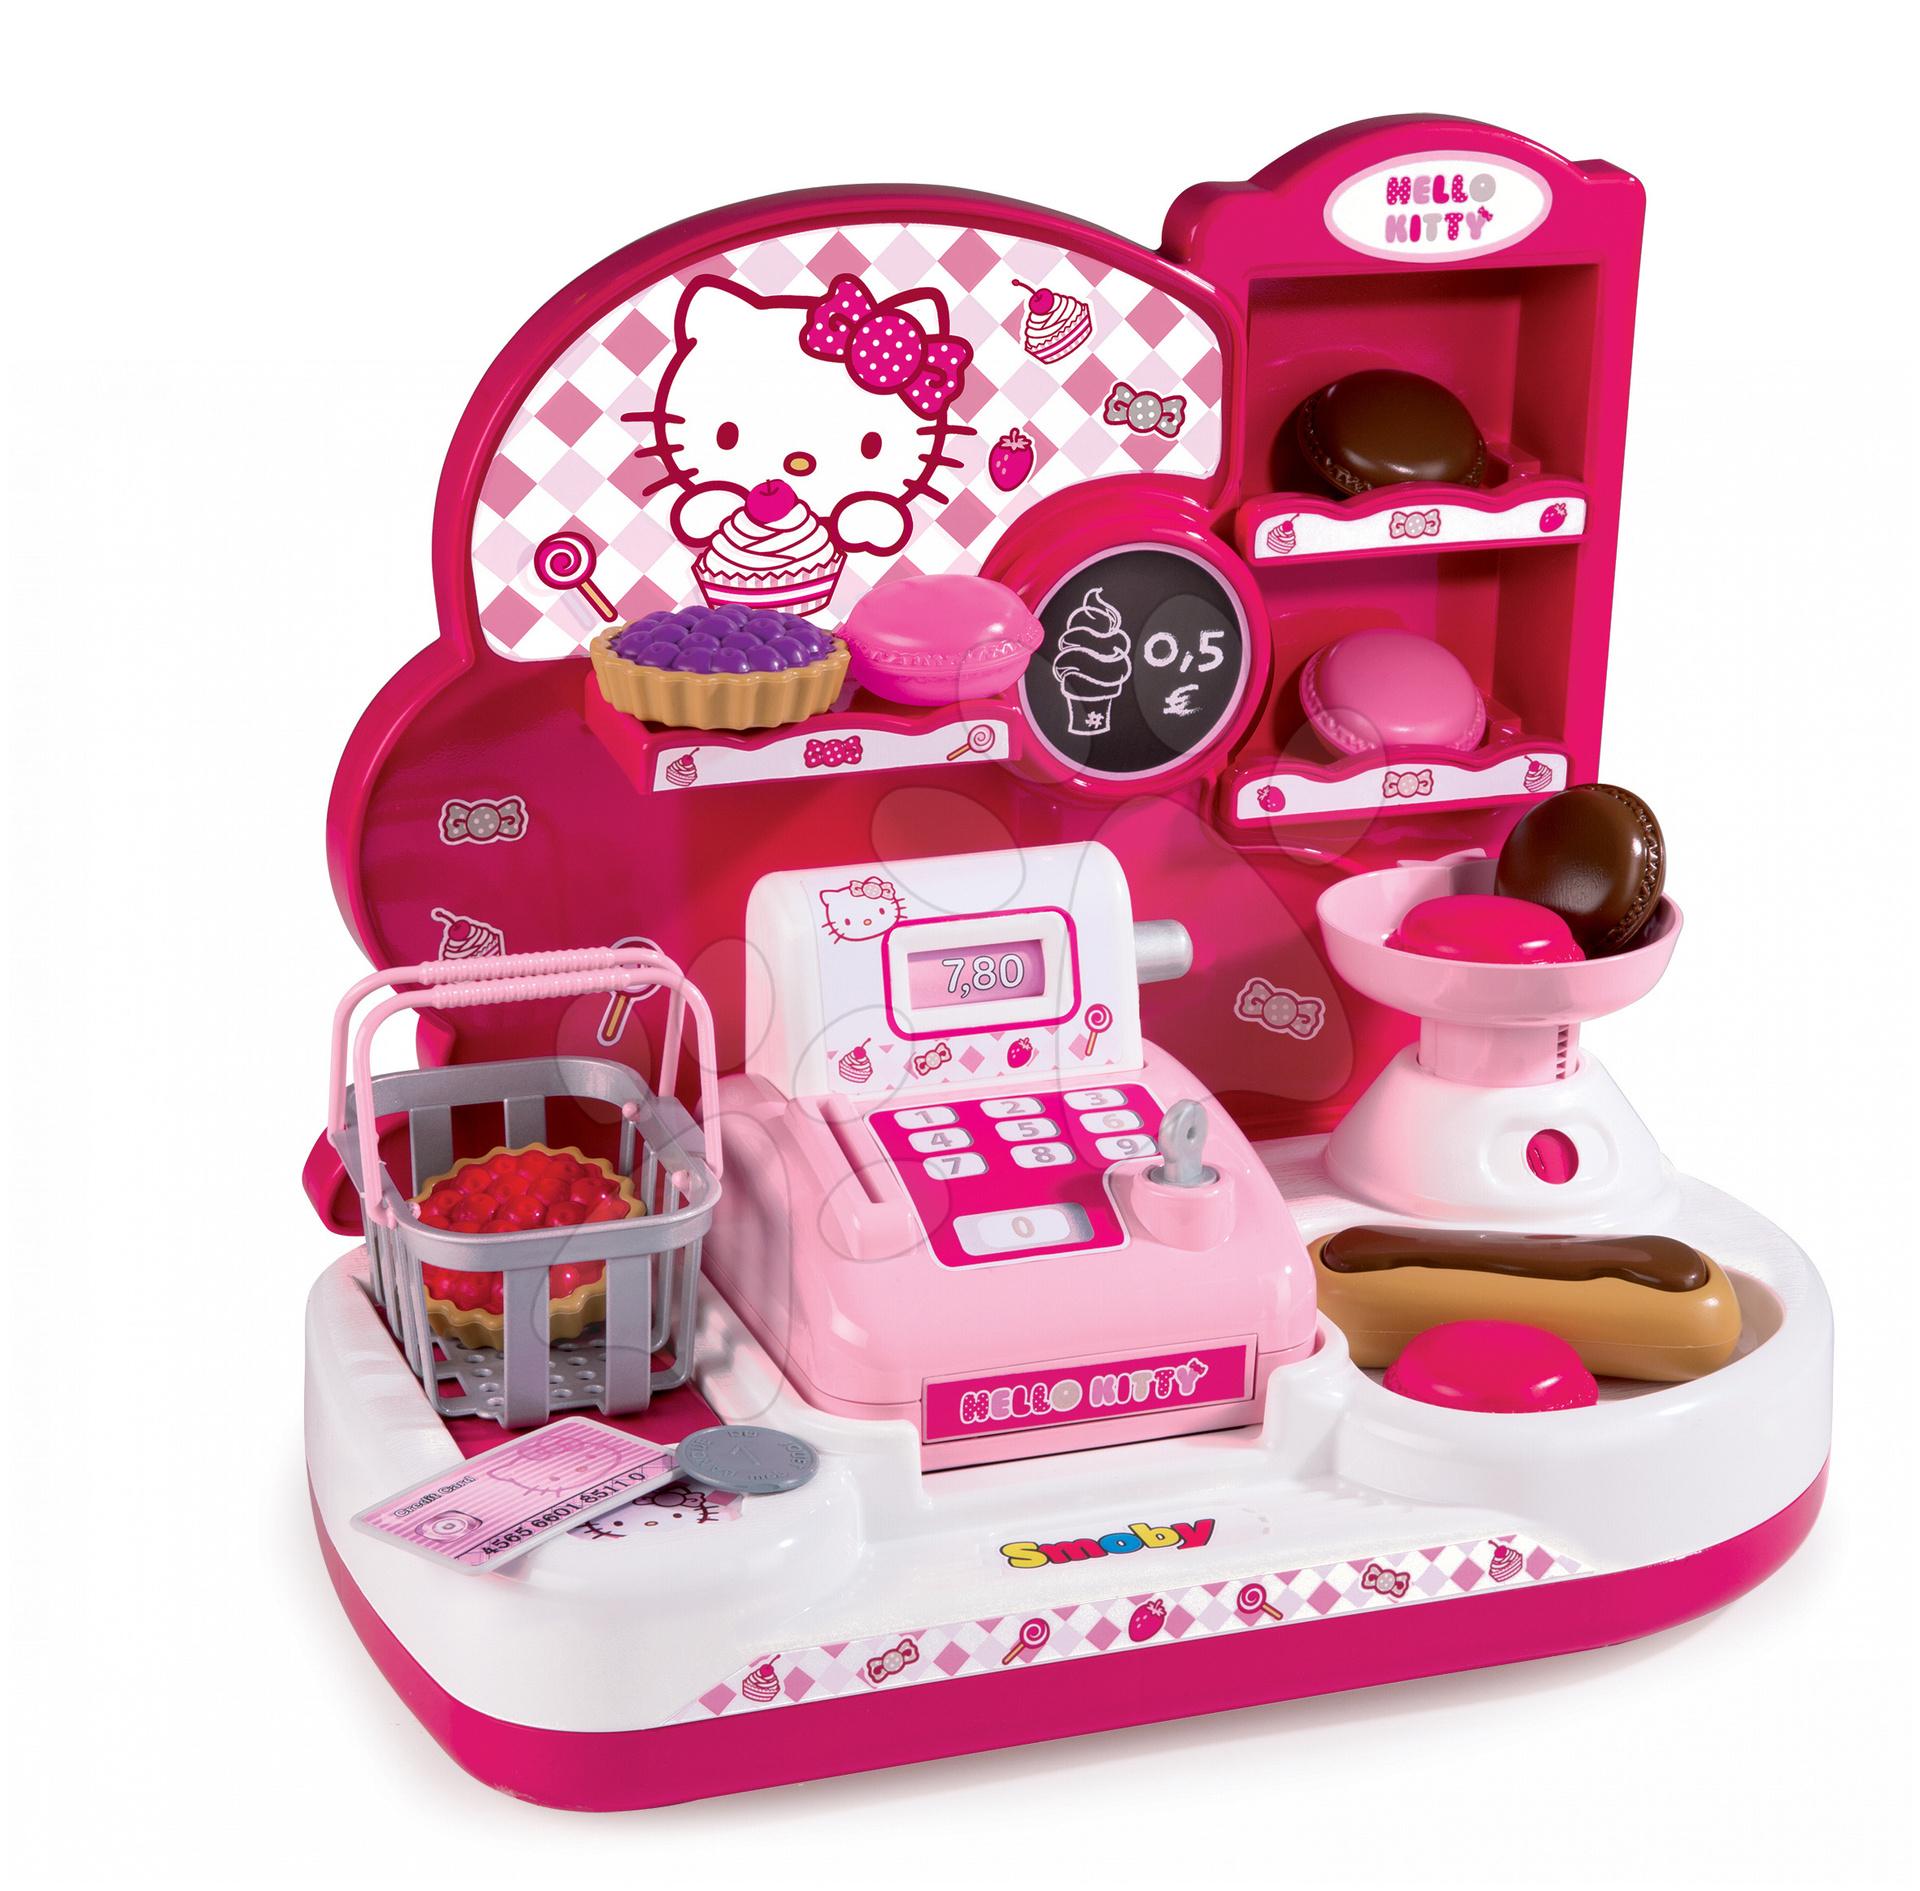 Obchody pre deti - Obchod s pokladňou Hello Kitty Smoby 17 doplnkov